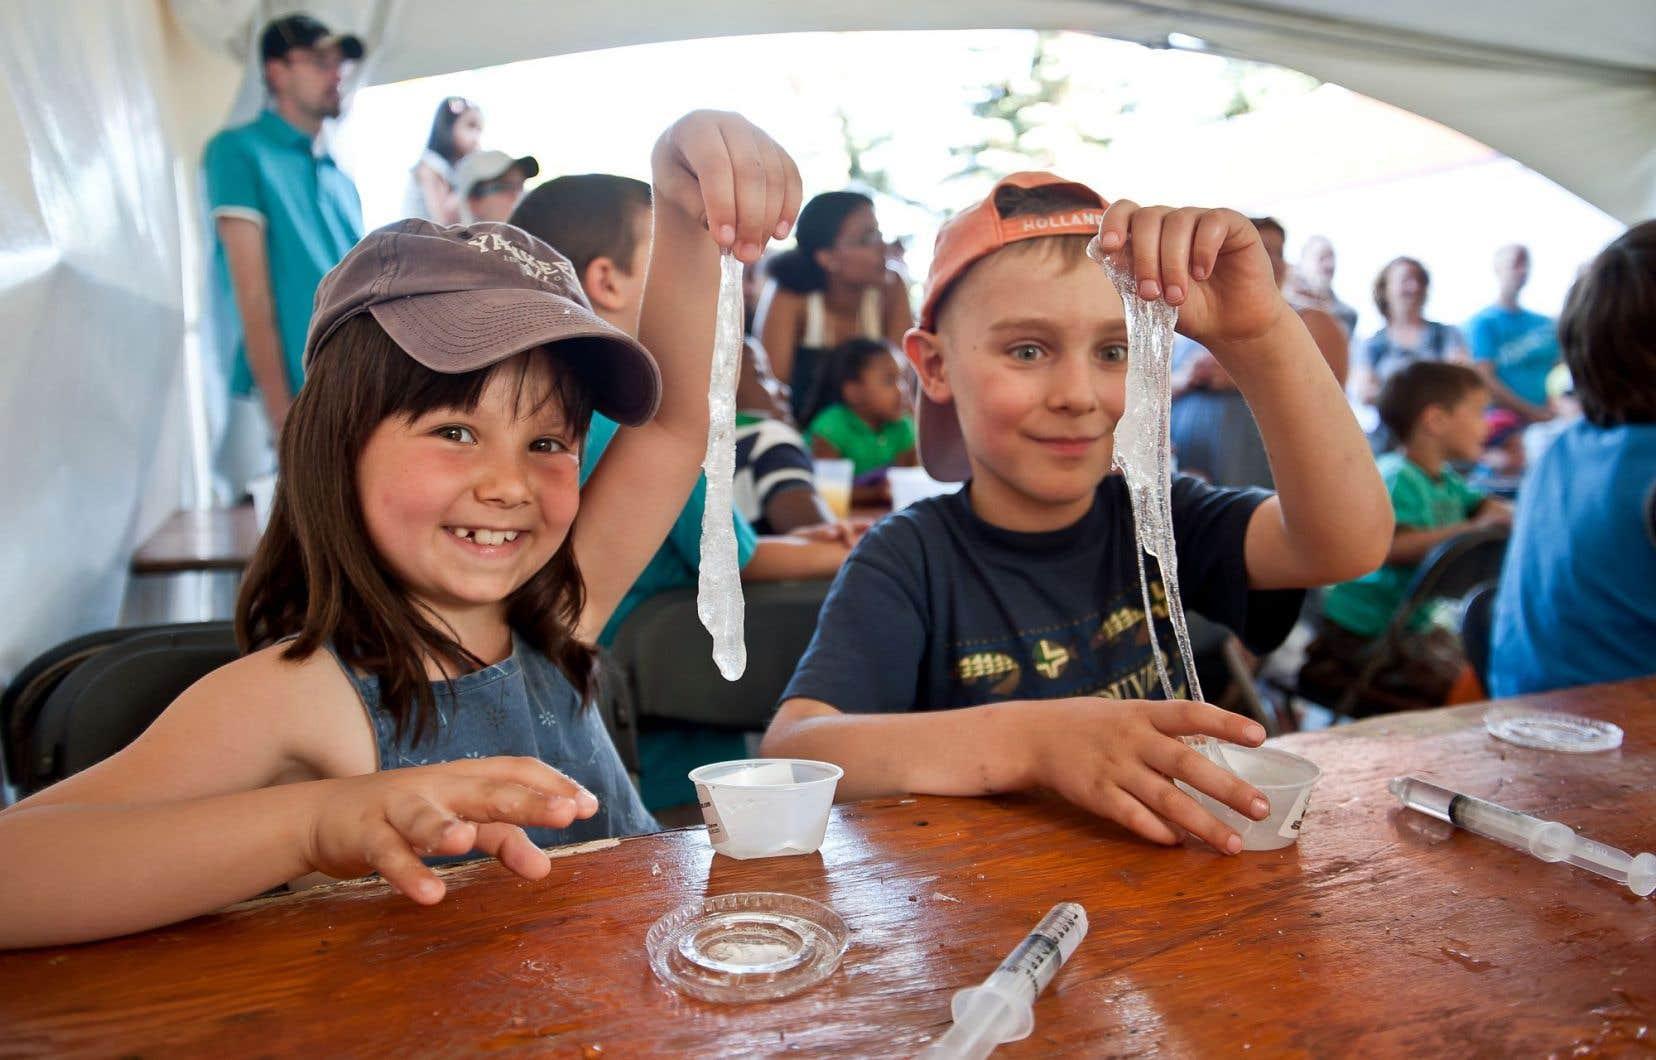 La plus grande fête de la science au Québec prend d'assaut les quais du Vieux-Port, autour du Centre des sciences de Montréal, et propose ce week-end plus d'une centaine d'activités à saveur scientifique.